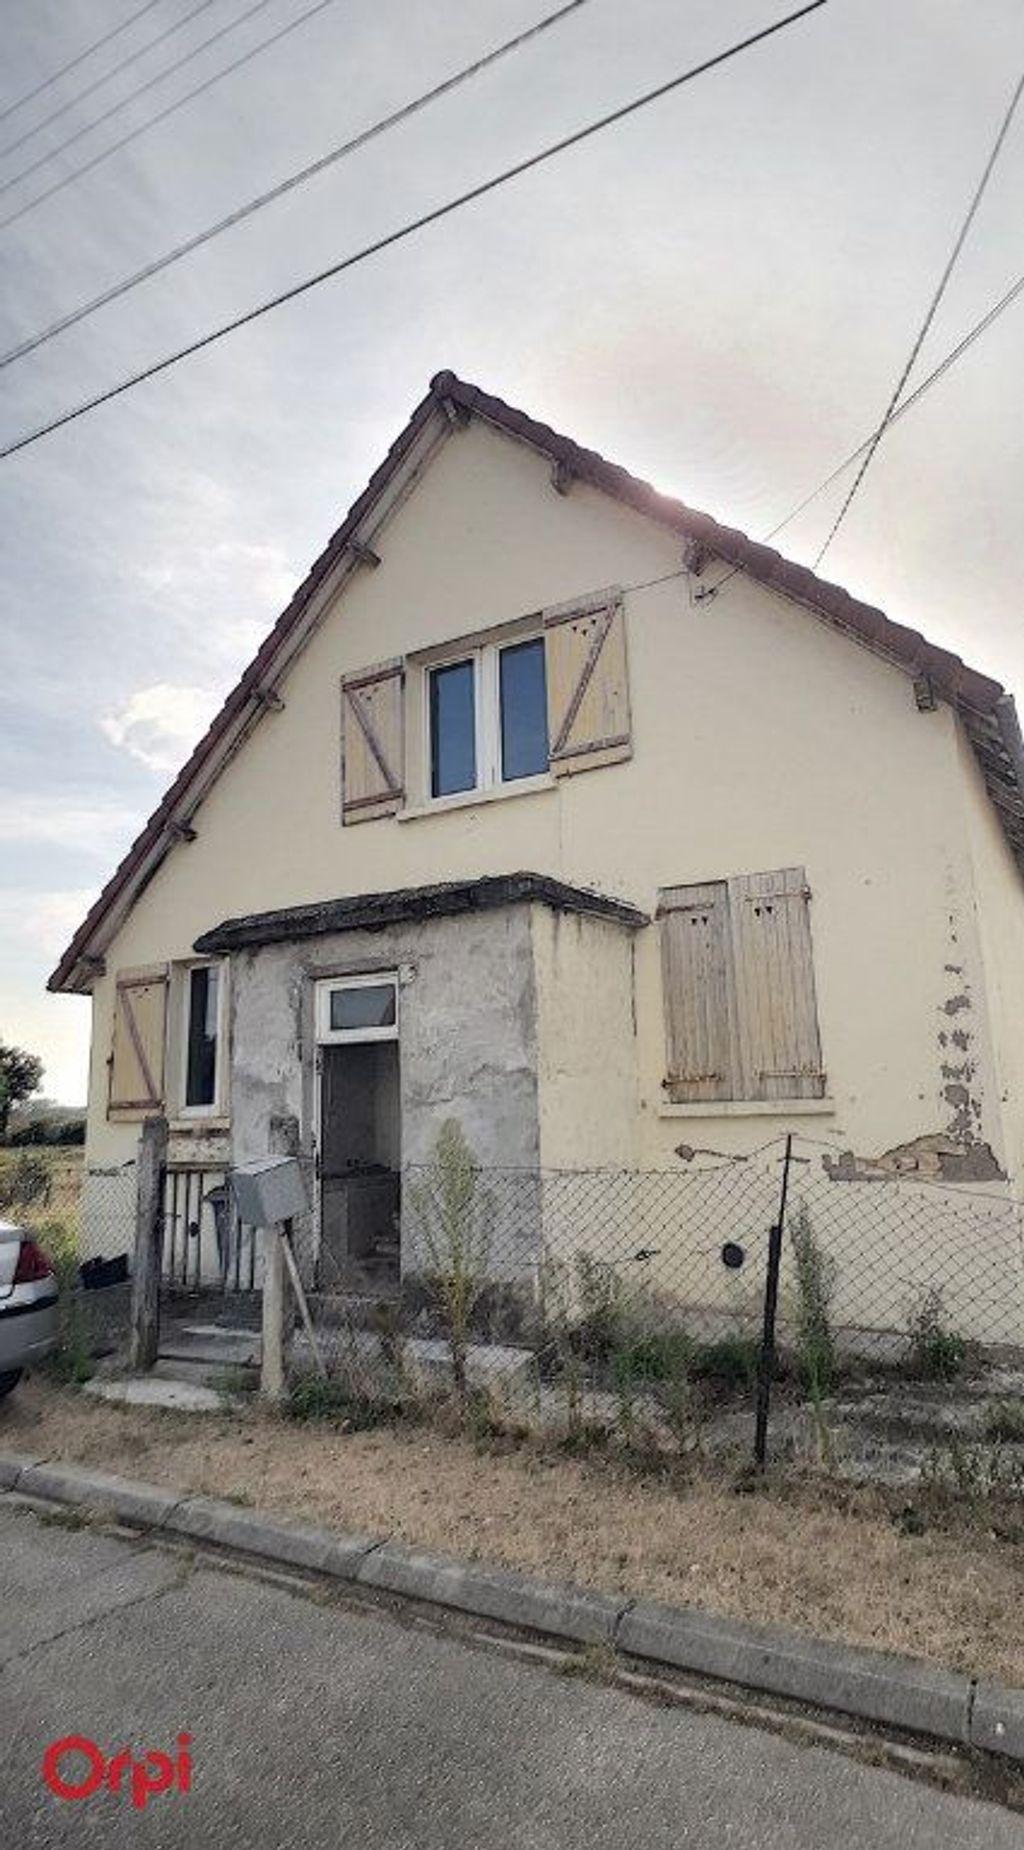 Achat maison 5 chambre(s) - Villefranche-d'Allier